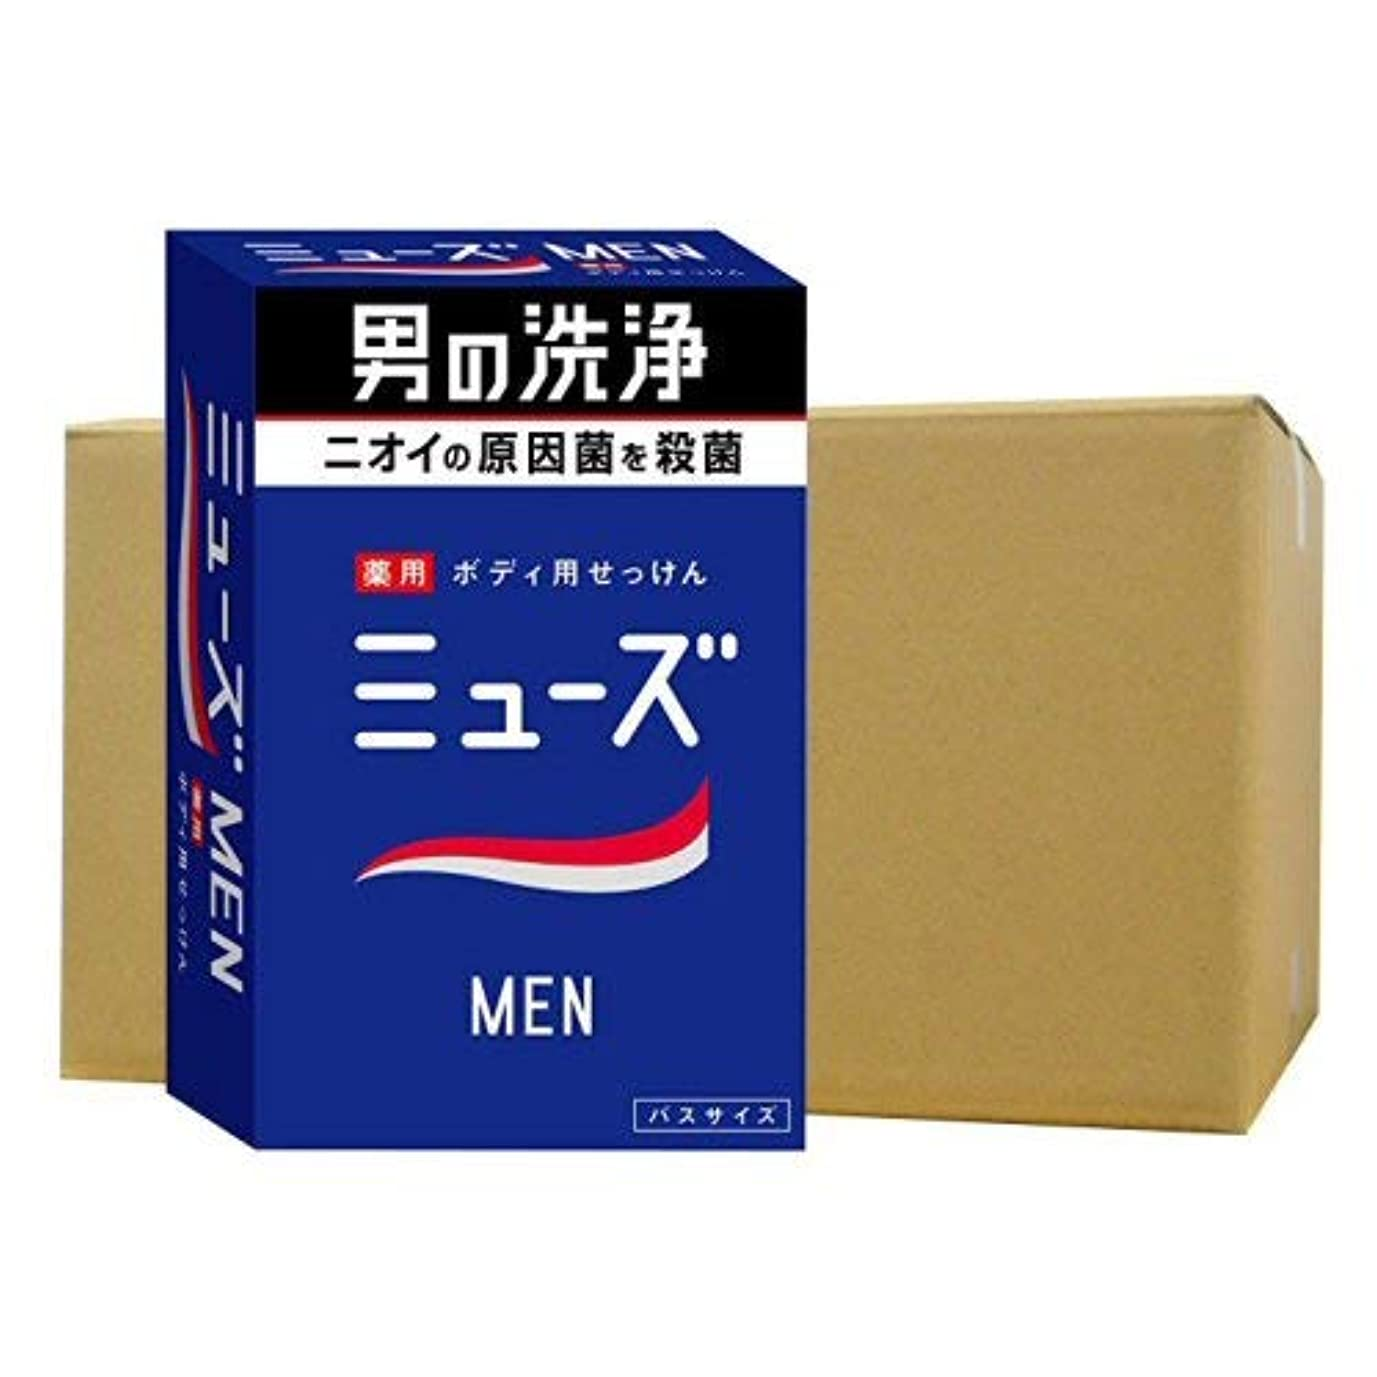 依存こどもの日クレアミューズメン薬用石鹸 135g×24個セット